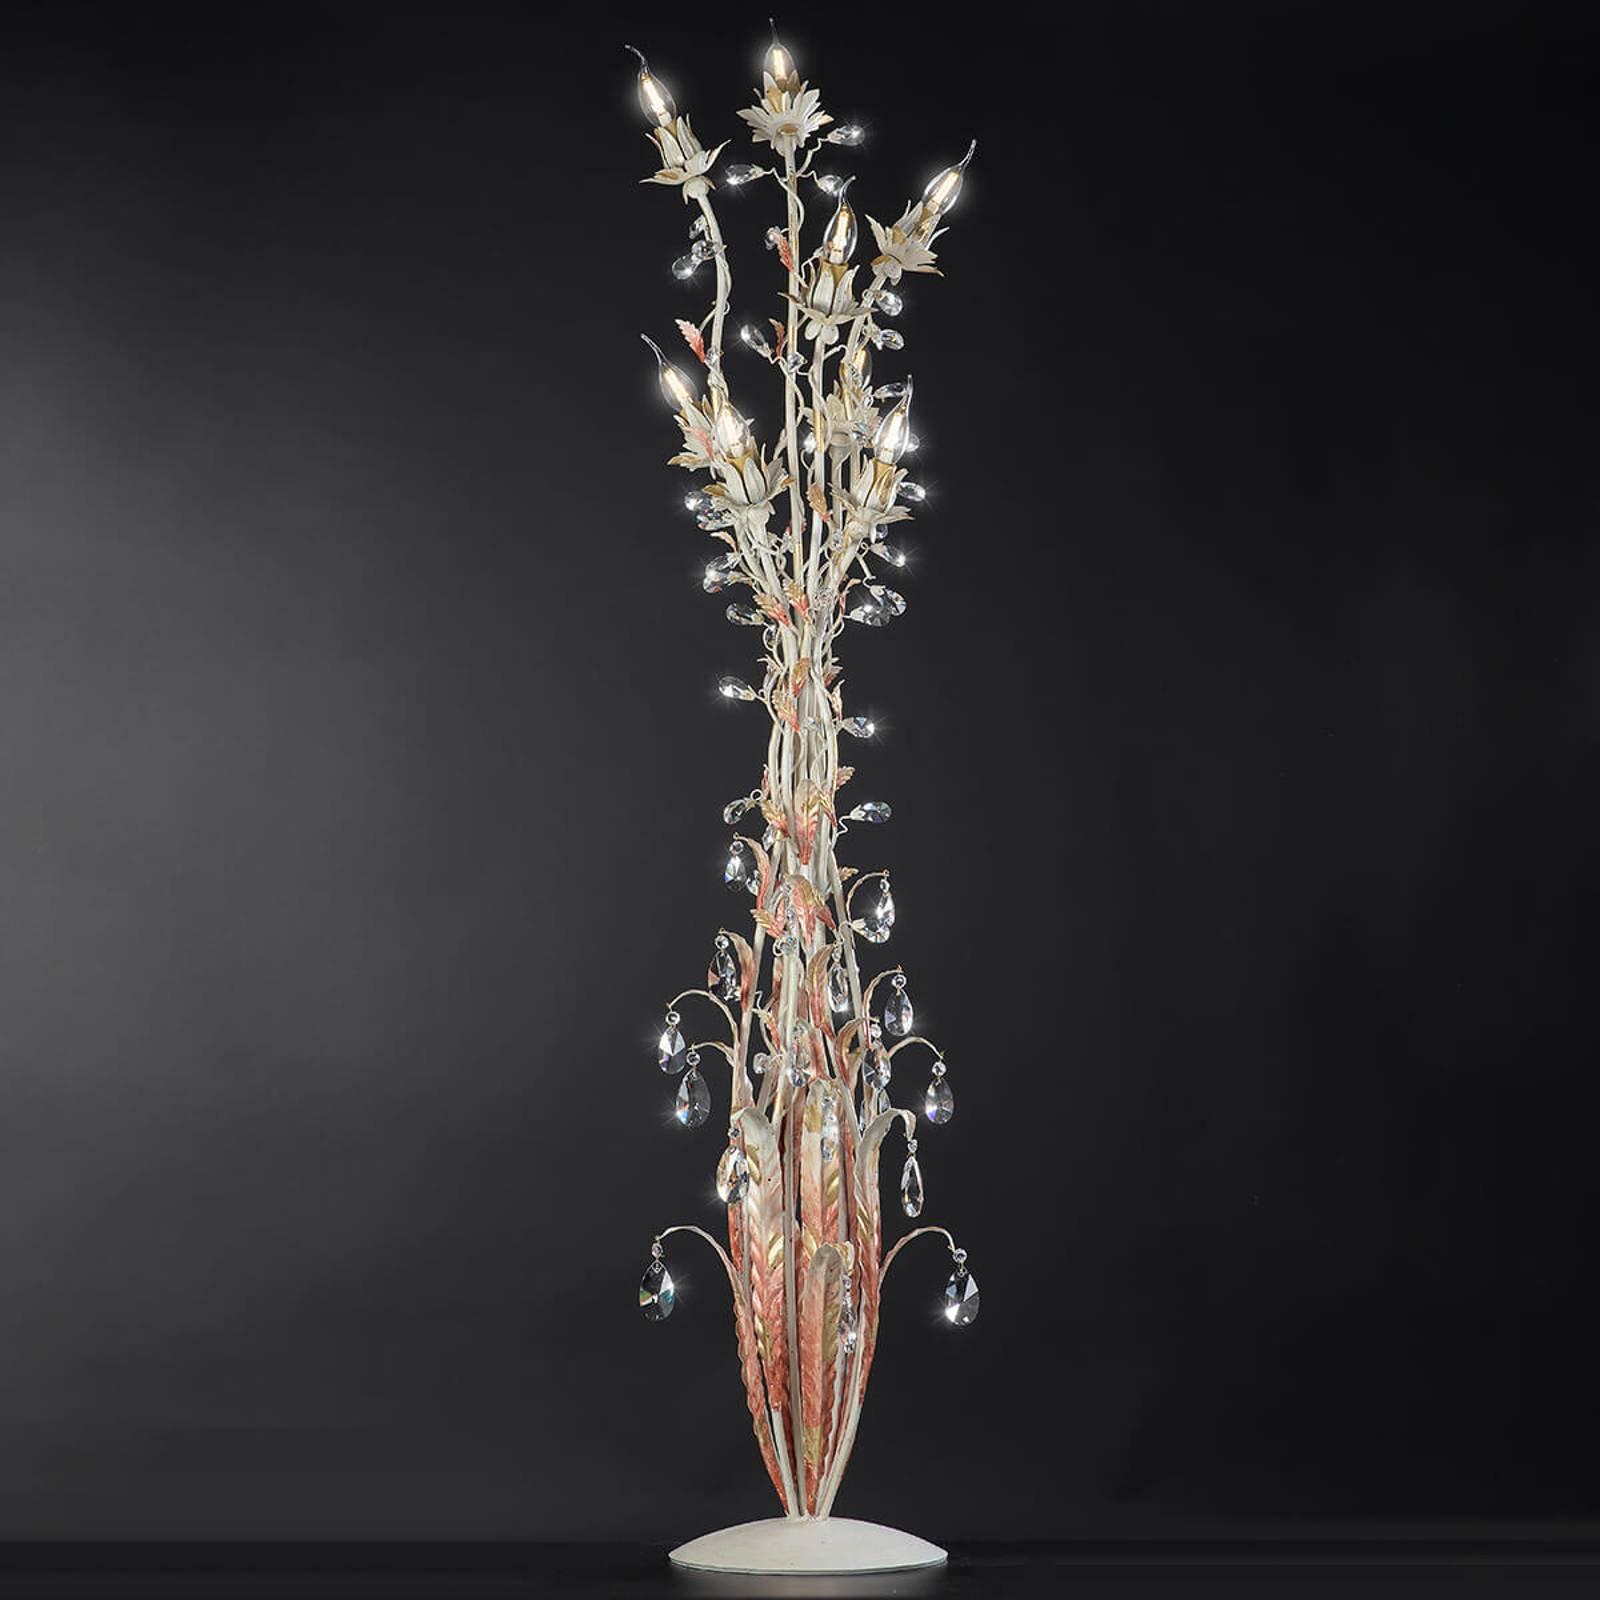 Gulvlampe i florentinerstil Fiona med dimmer